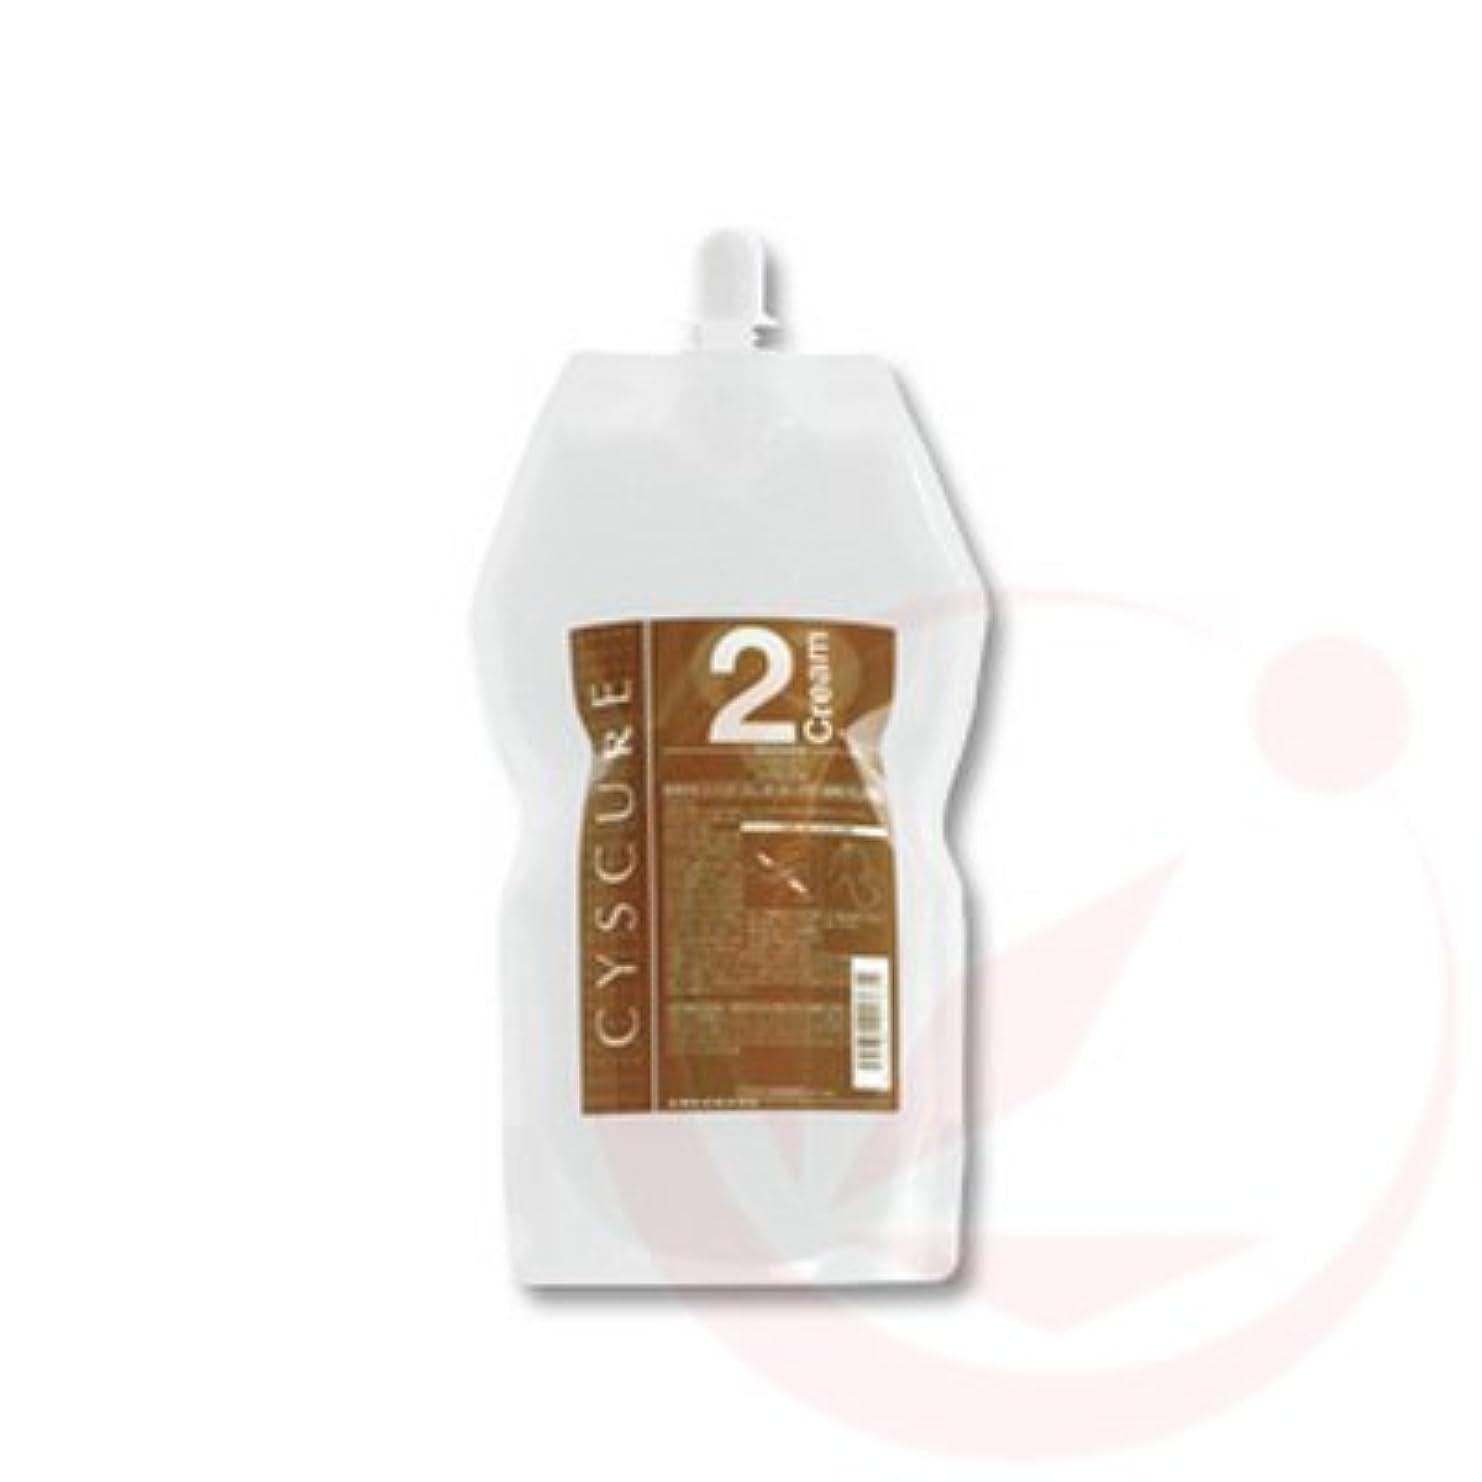 浸すコンデンサーサーバントタマリス シスキュア2クリーム 1000g (パーマ剤/2剤)